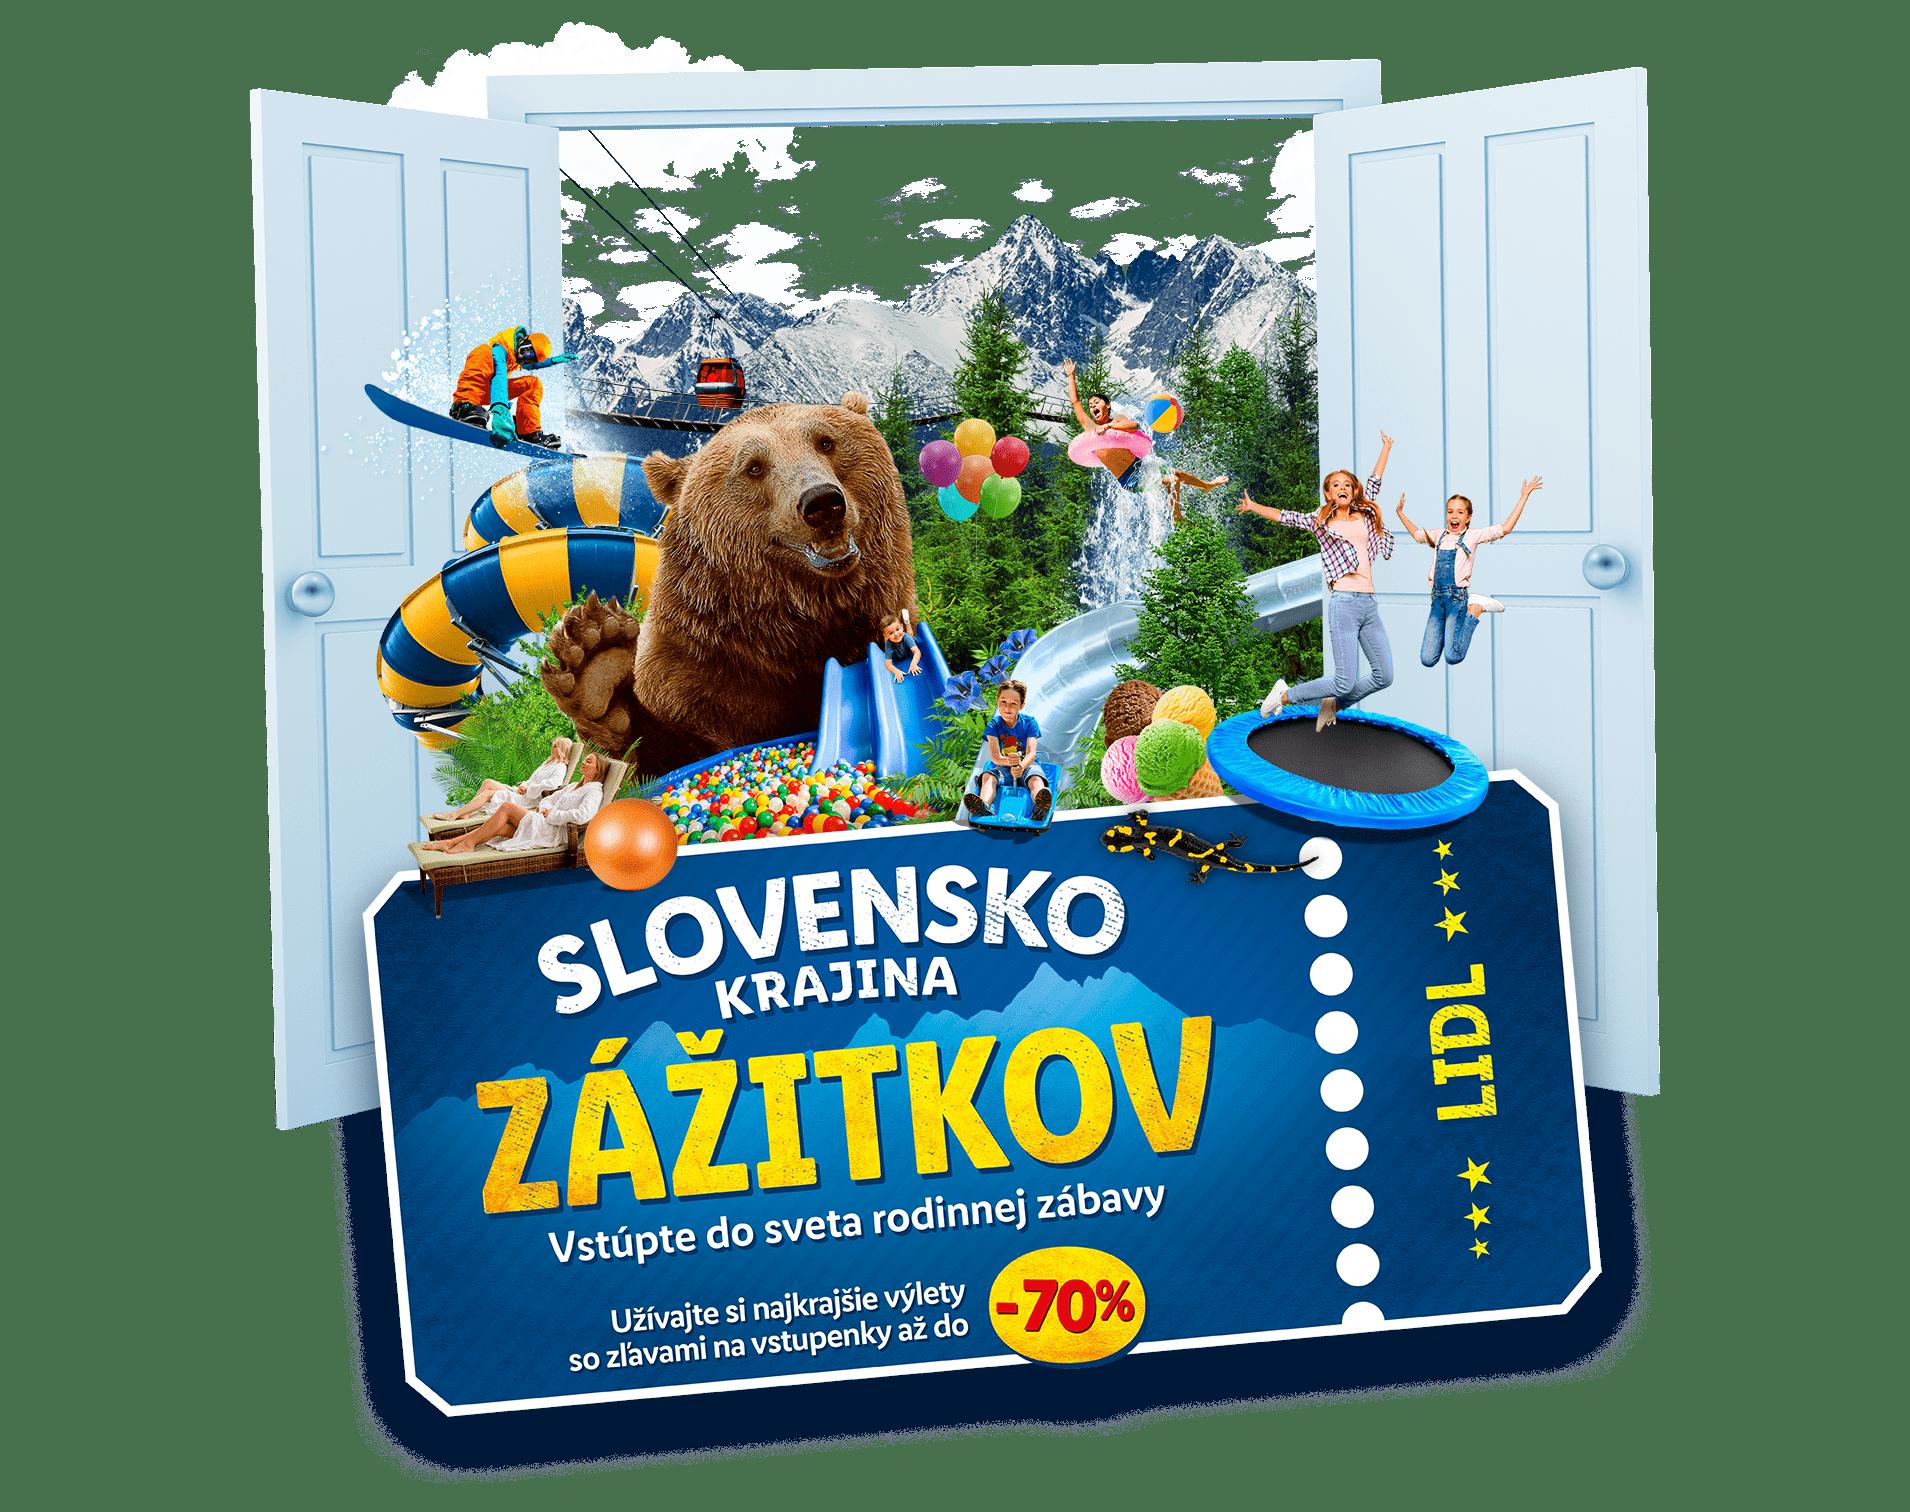 Slovensko krajina zážitkov.